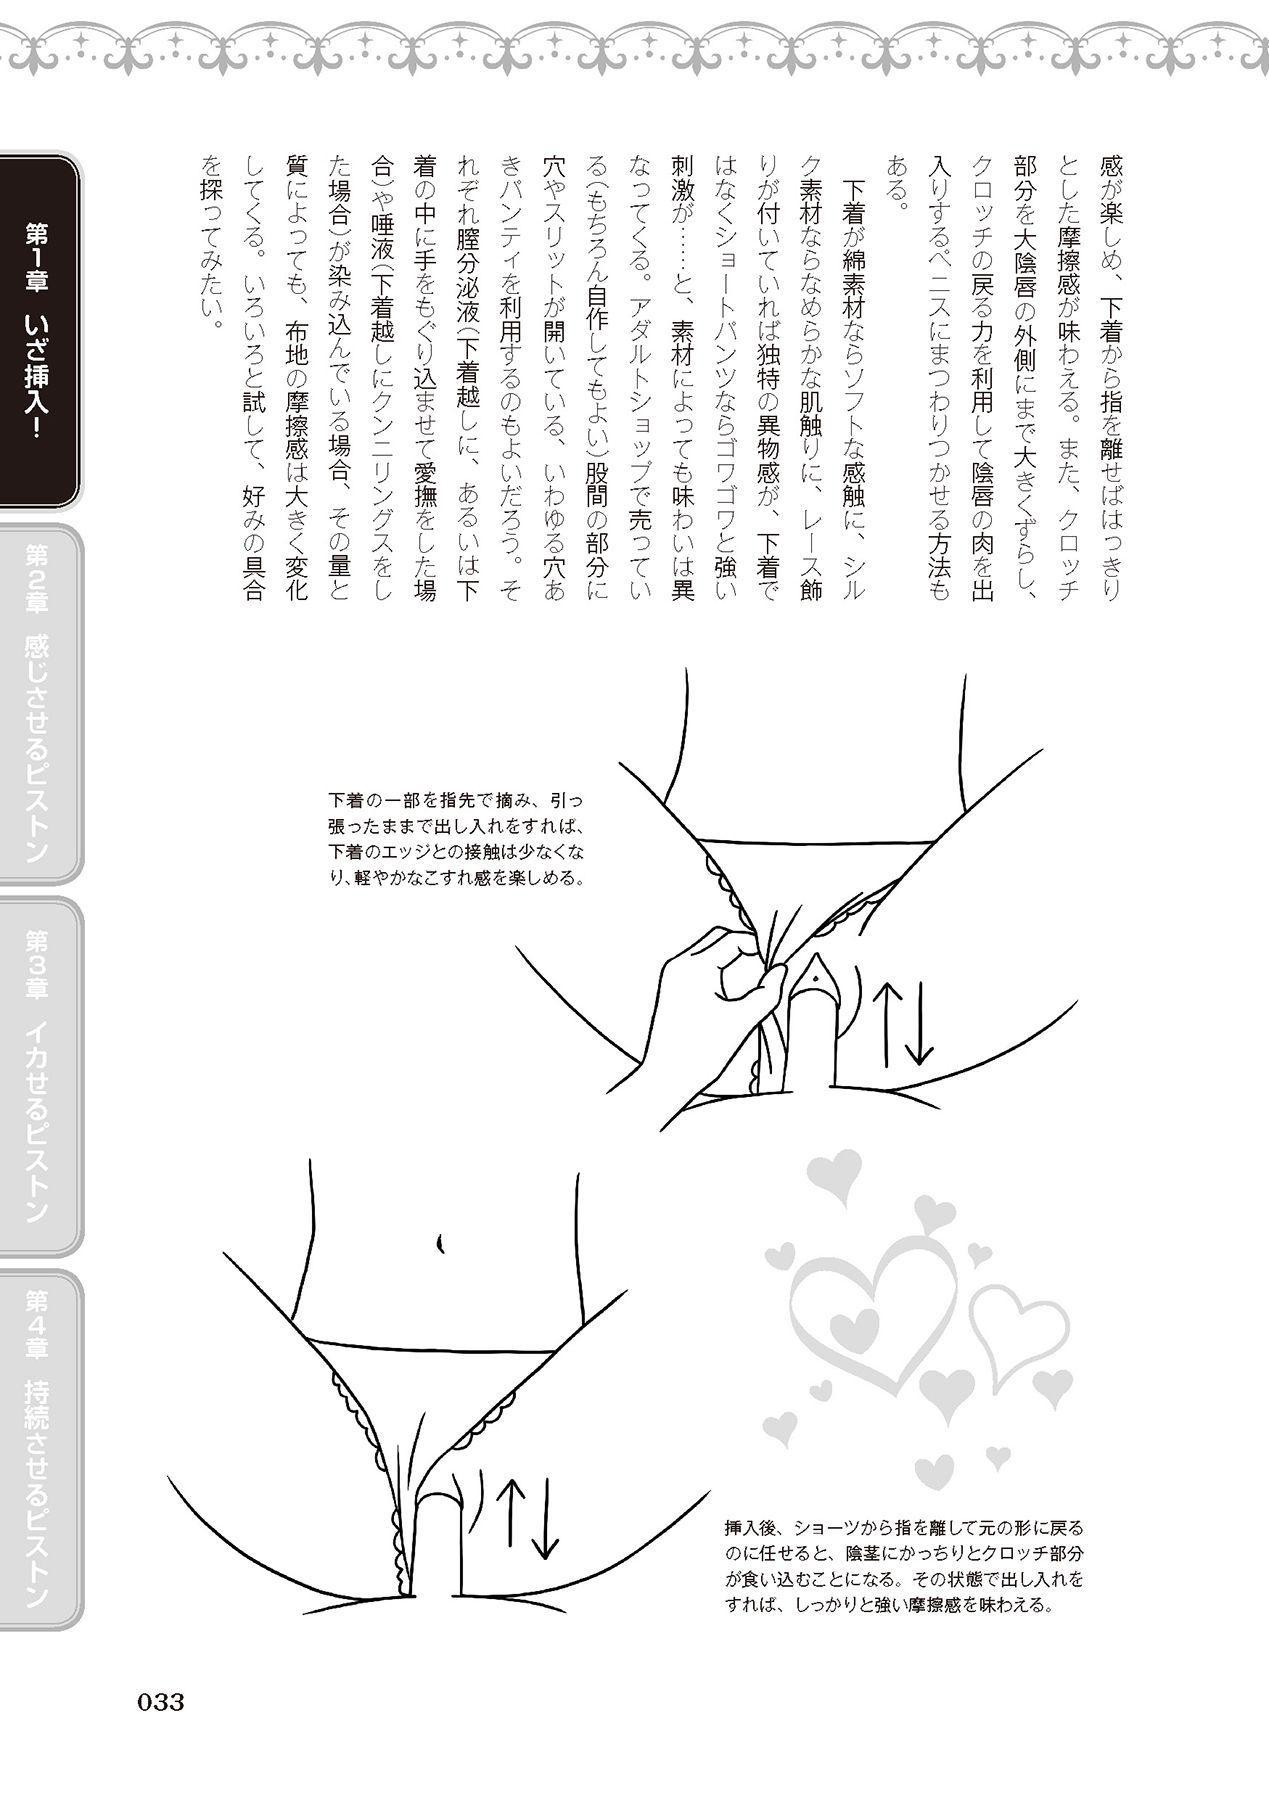 膣挿入&ピストン運動完全マニュアル イラスト版……ピスとんッ! 34